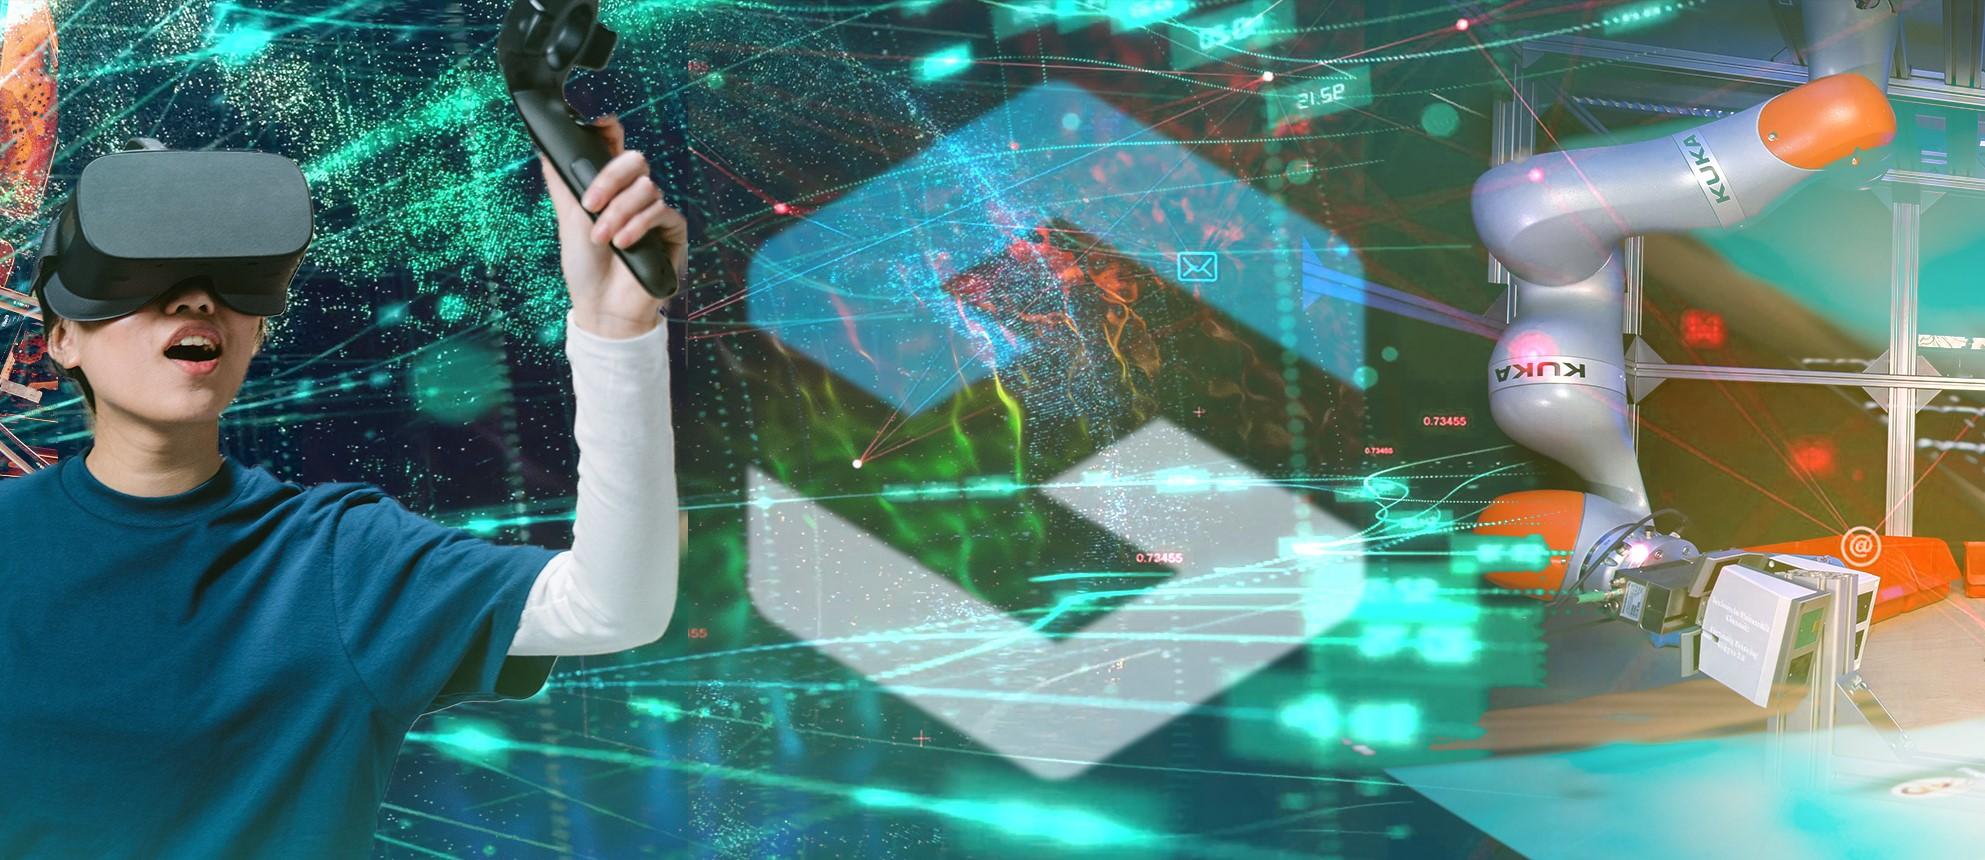 Das Hybrid Societies Logo mittig. Links ein Junge bei einem VR-Spiel. Rechts ein Roboter-Arm.